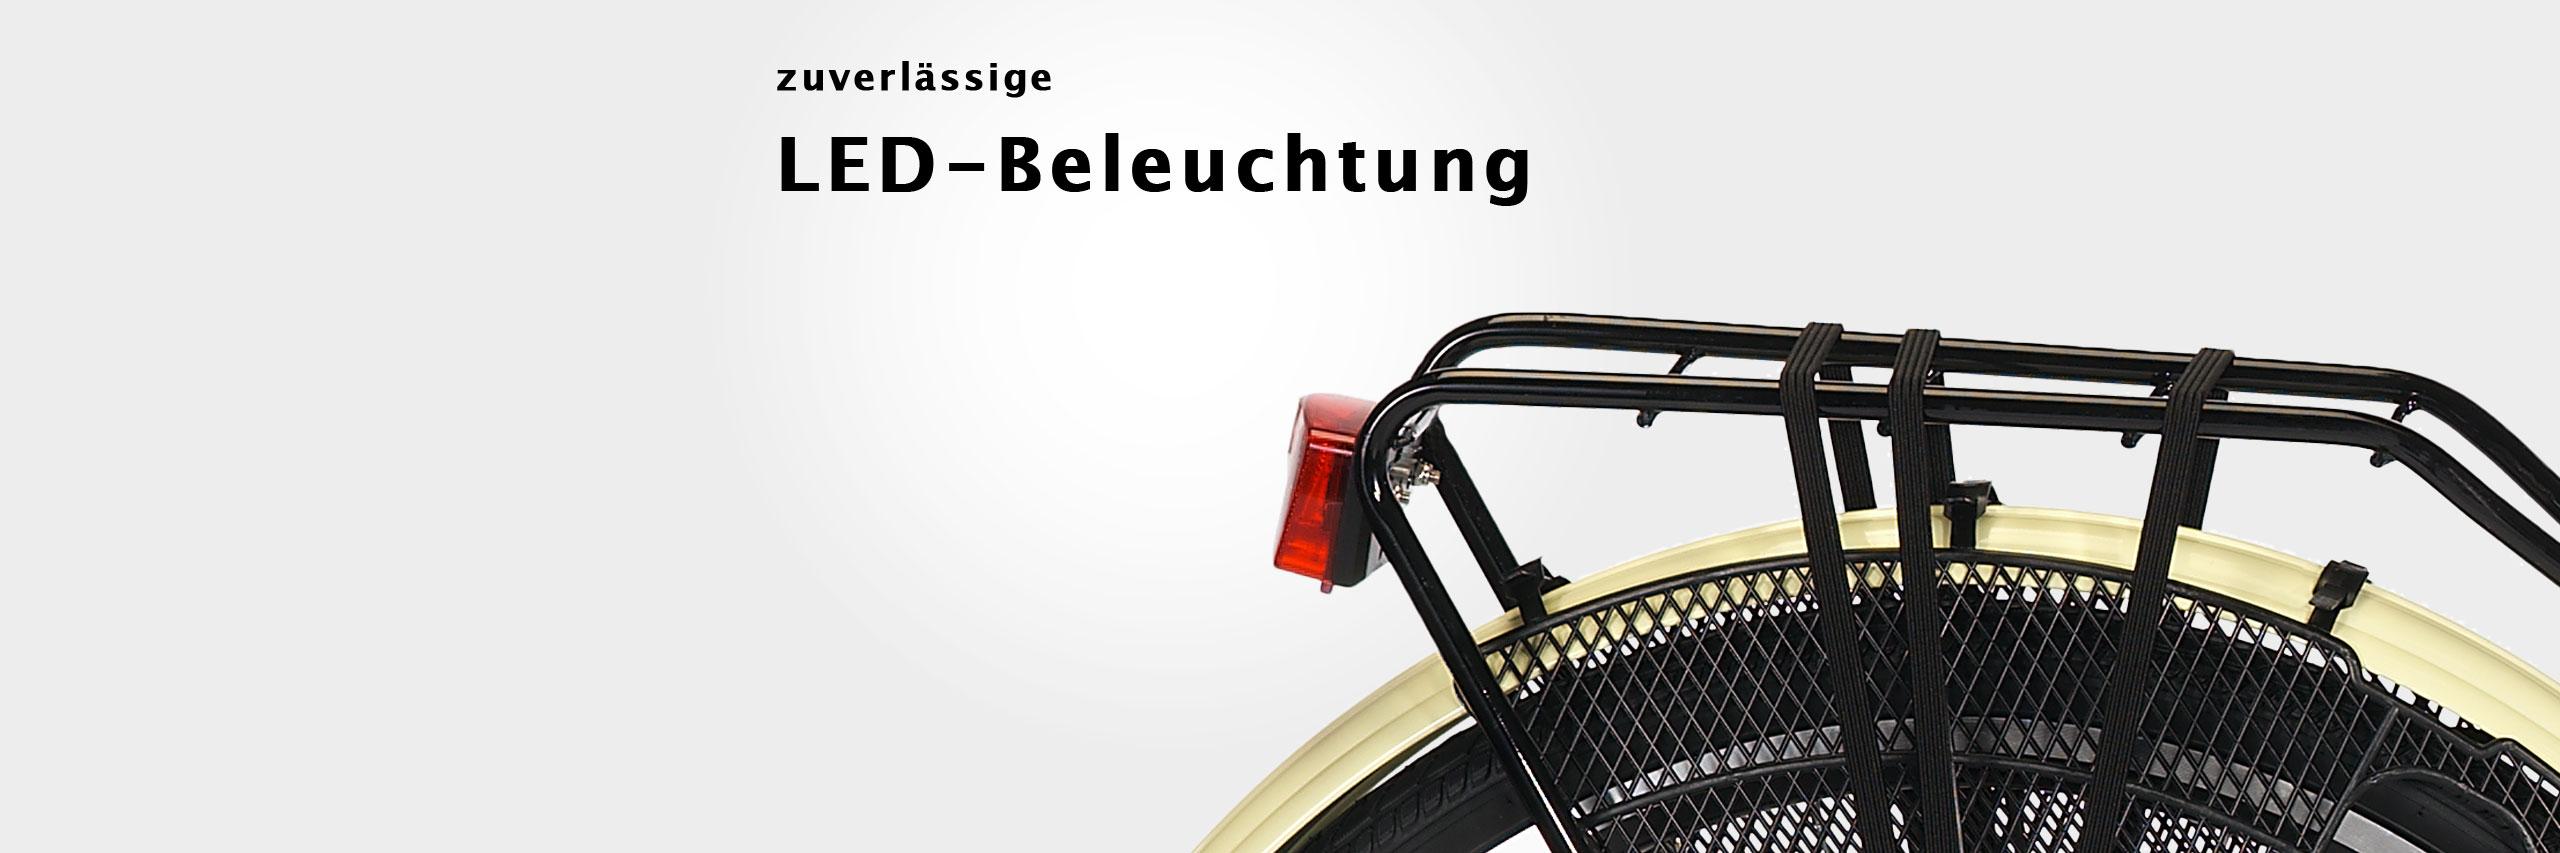 slide11-beleuchtung